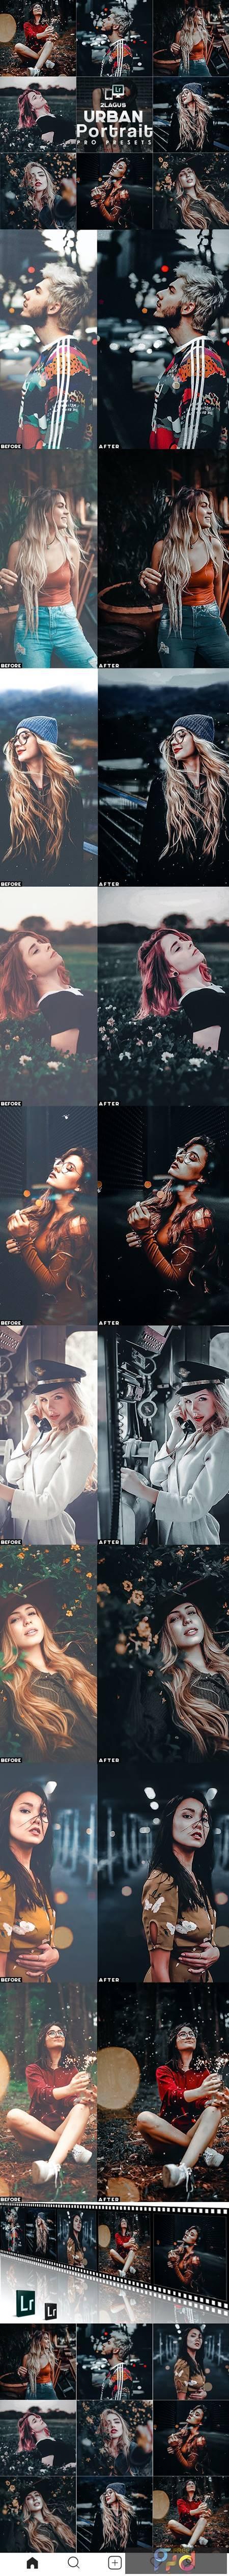 Urban Portrait Photoshop Actions 27395052 1